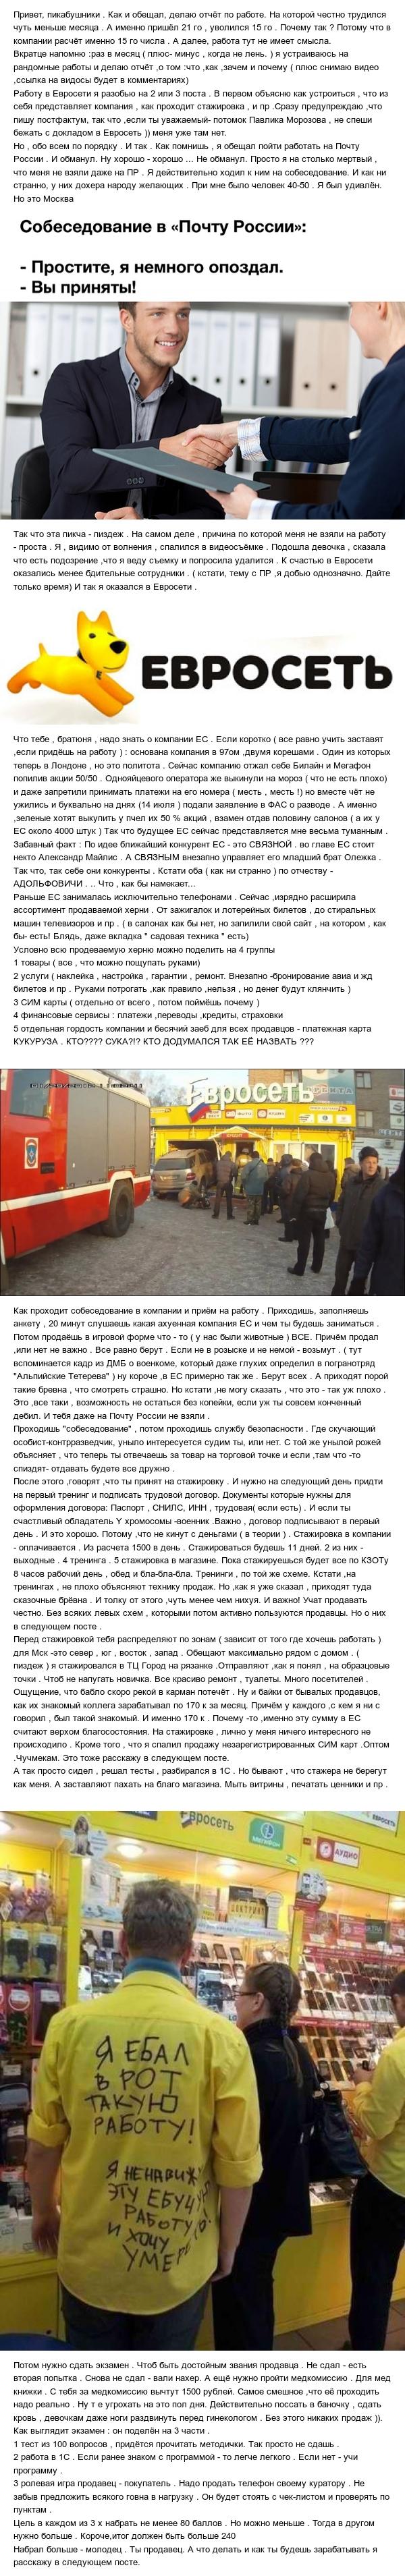 Как я шел на Почту России ... А попал в Евросеть Евросеть, Работа, Почта России, 42vlog, Длиннопост